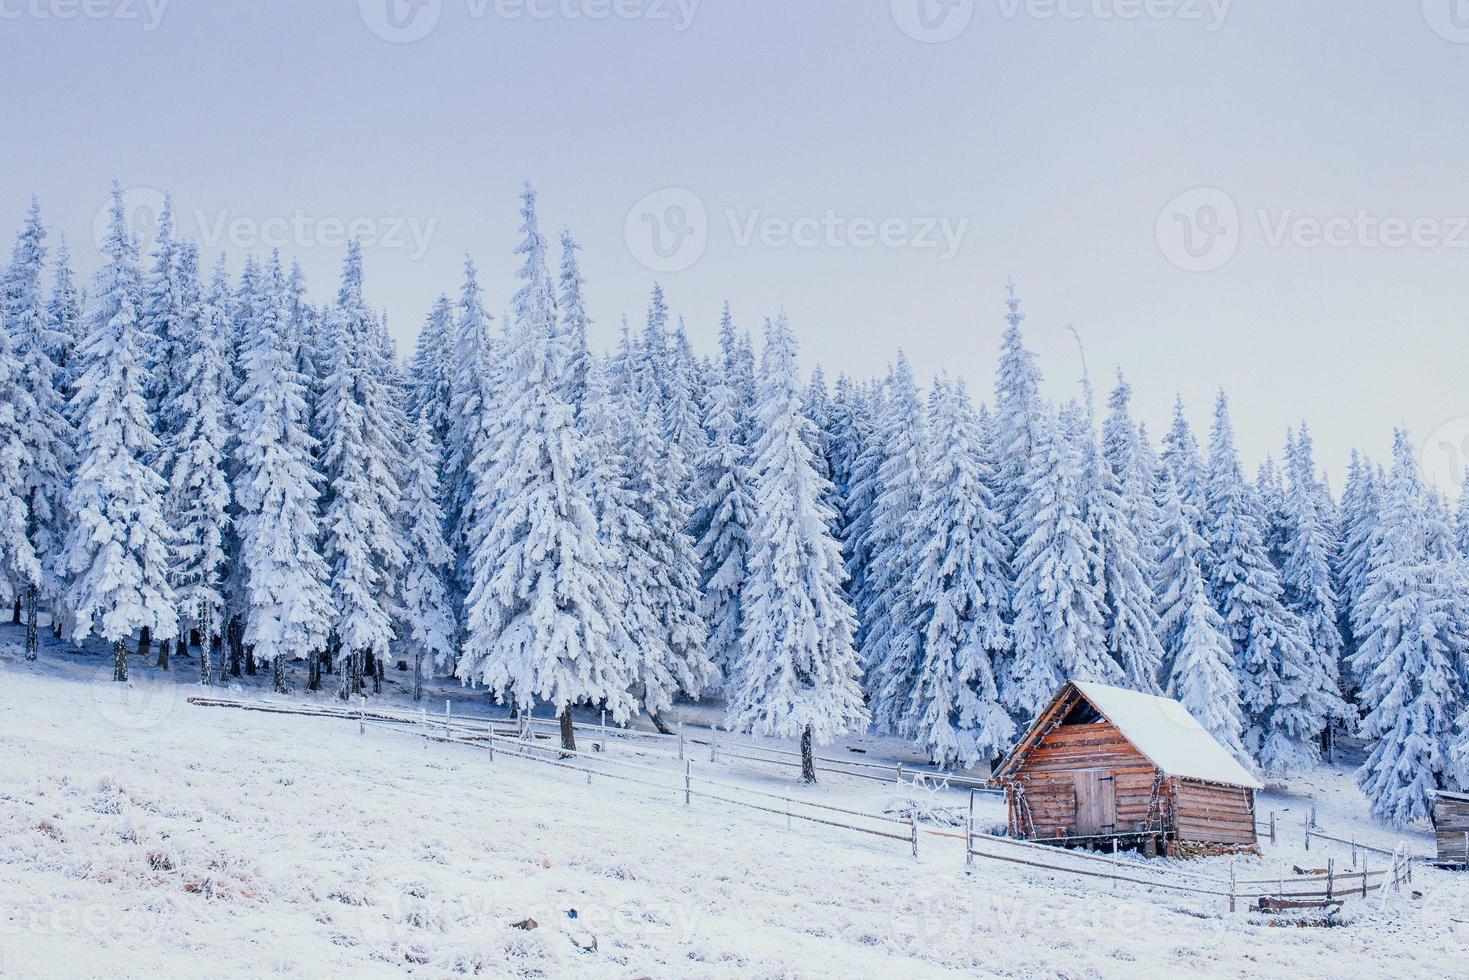 paisaje invernal de árboles cubiertos de nieve en escarcha de invierno yc foto